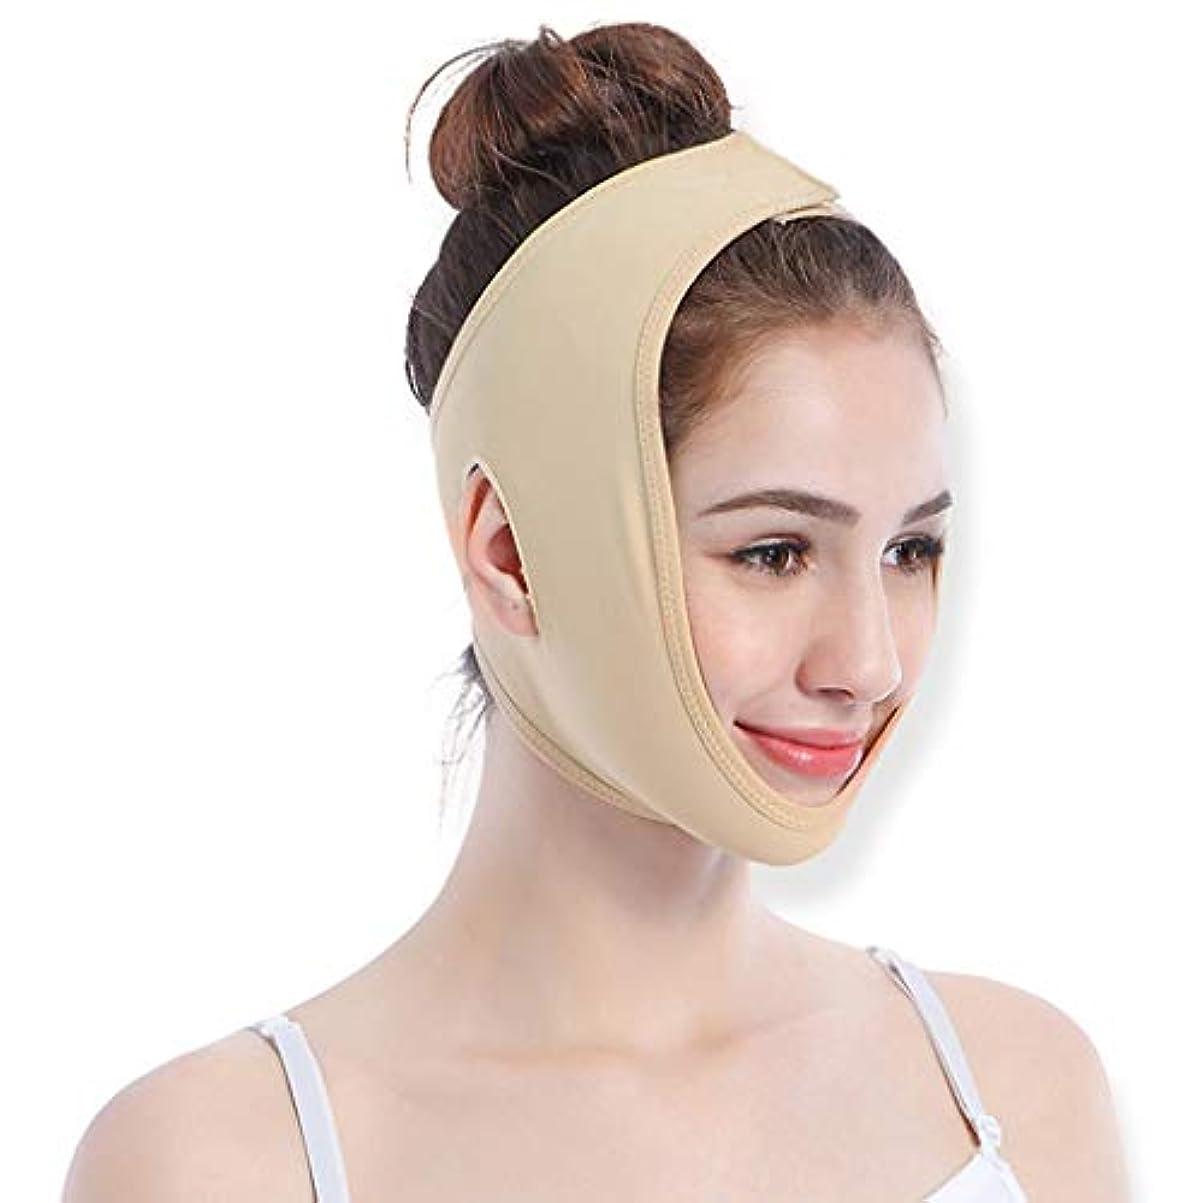 私の学生洋服Jia He 軽量 ファーミング睡眠マッサージマスクリフティング薄い顔ベルト、顔持ち上げ包帯アーティファクトVフェイス二重あご、利用可能な4つのサイズ ## (Size : L)